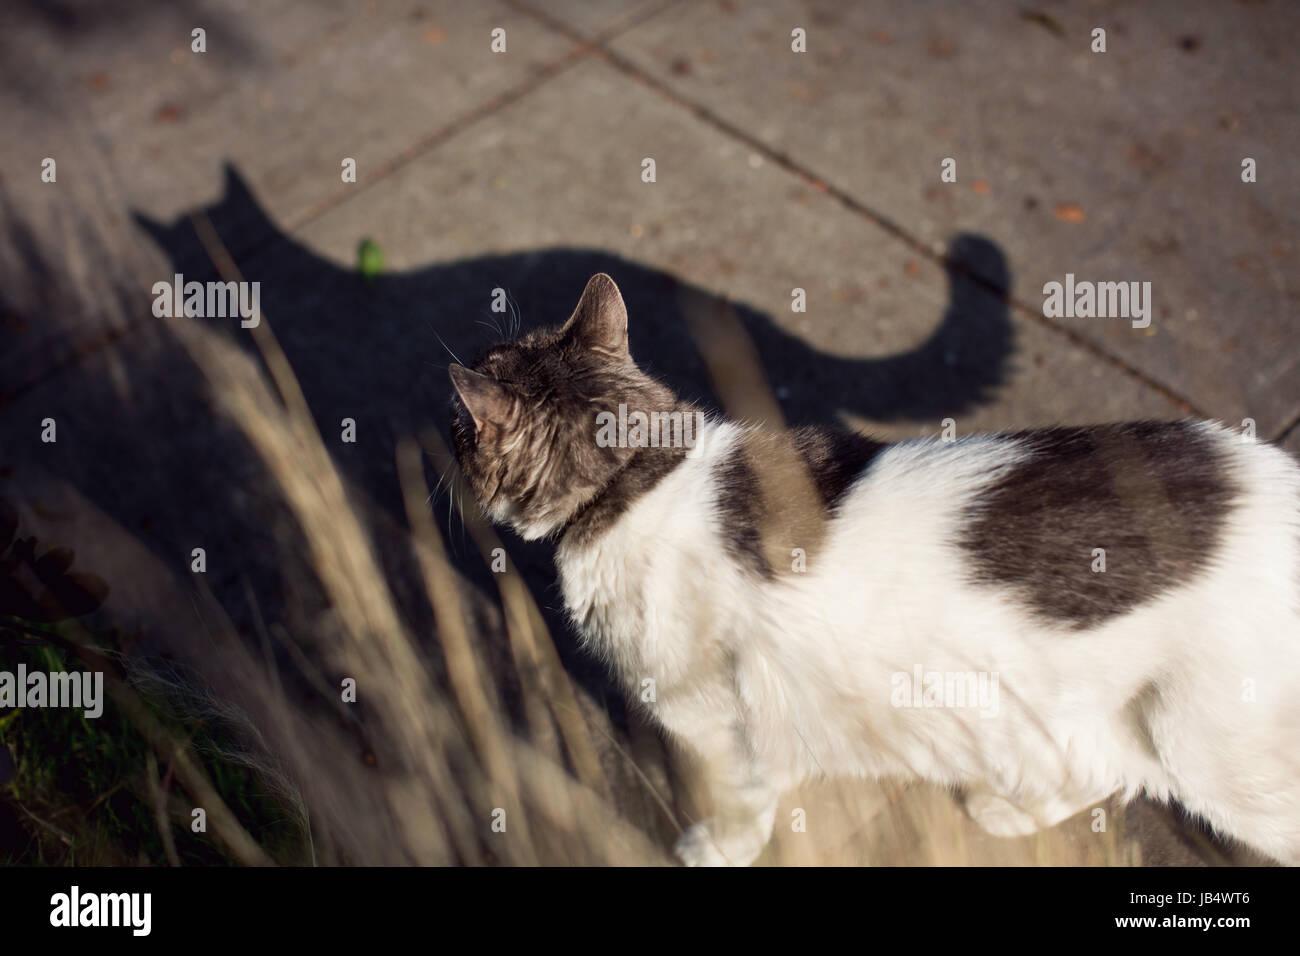 Chat blanc sur trottoir tourné à partir de ci-dessus et l'arrière avec de l'ombre s'étendant en face de chat. L'herbe Banque D'Images